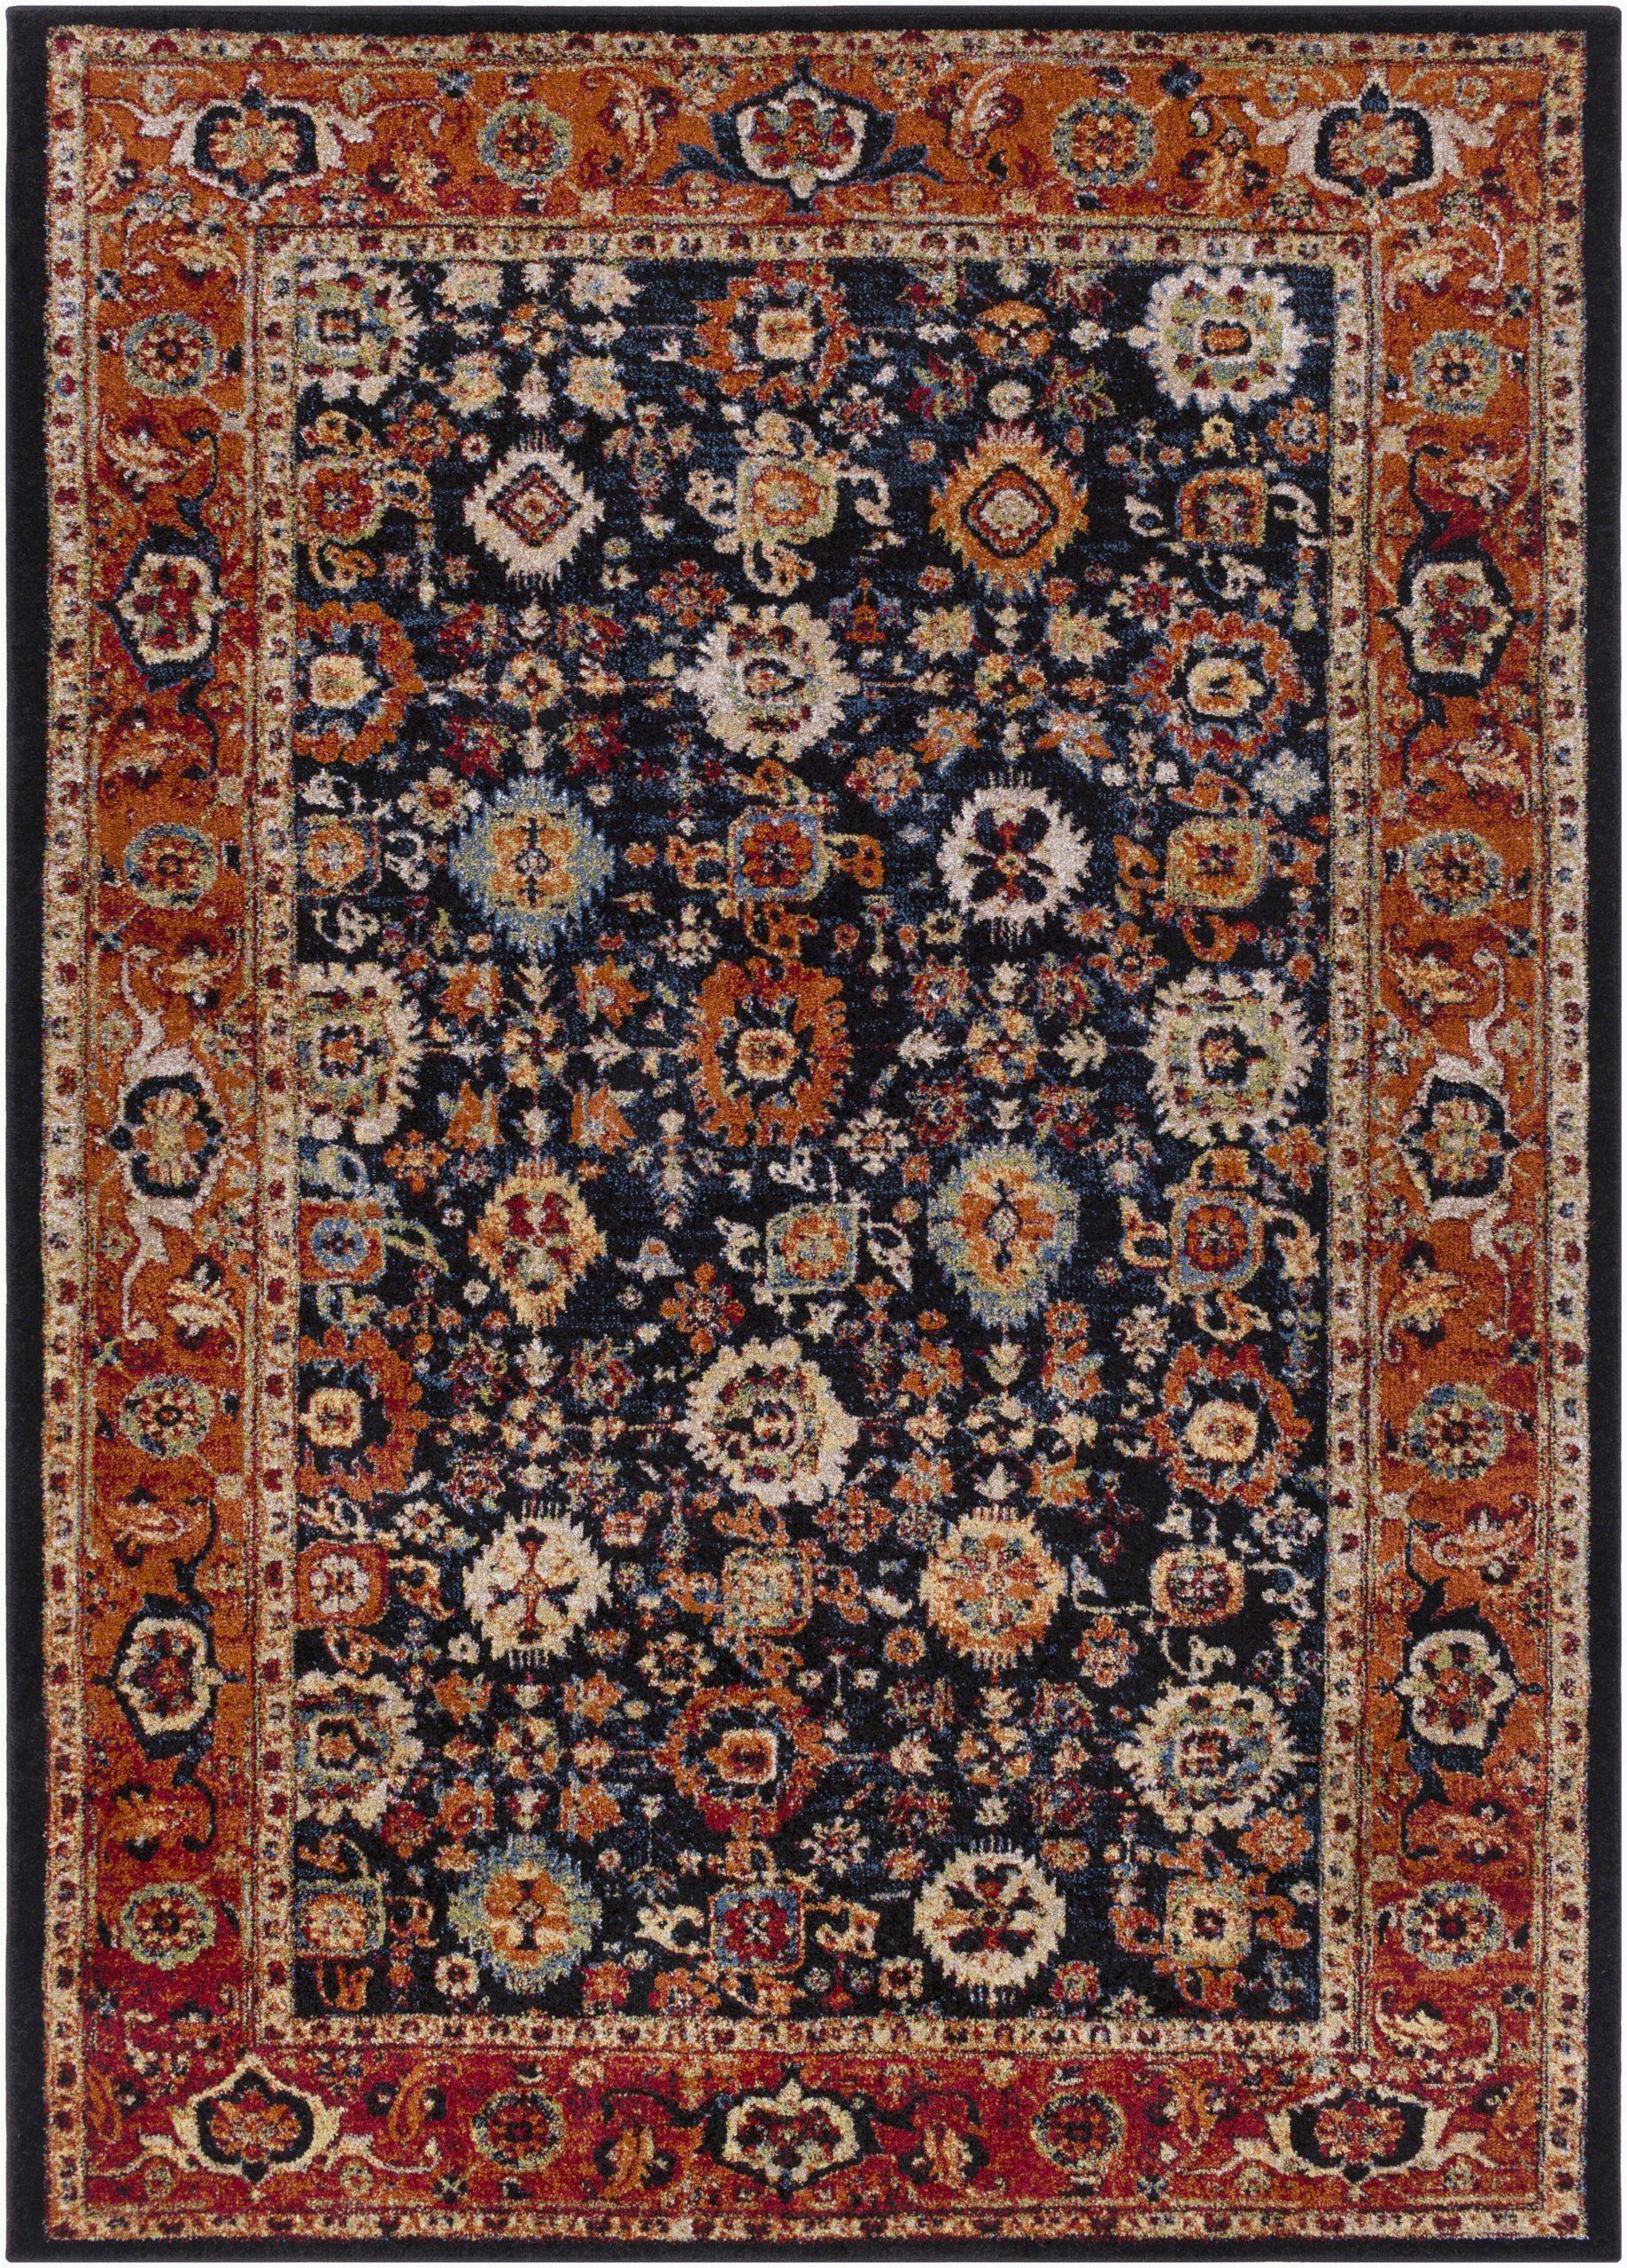 brahim oriental jutesisal multicolor area rug